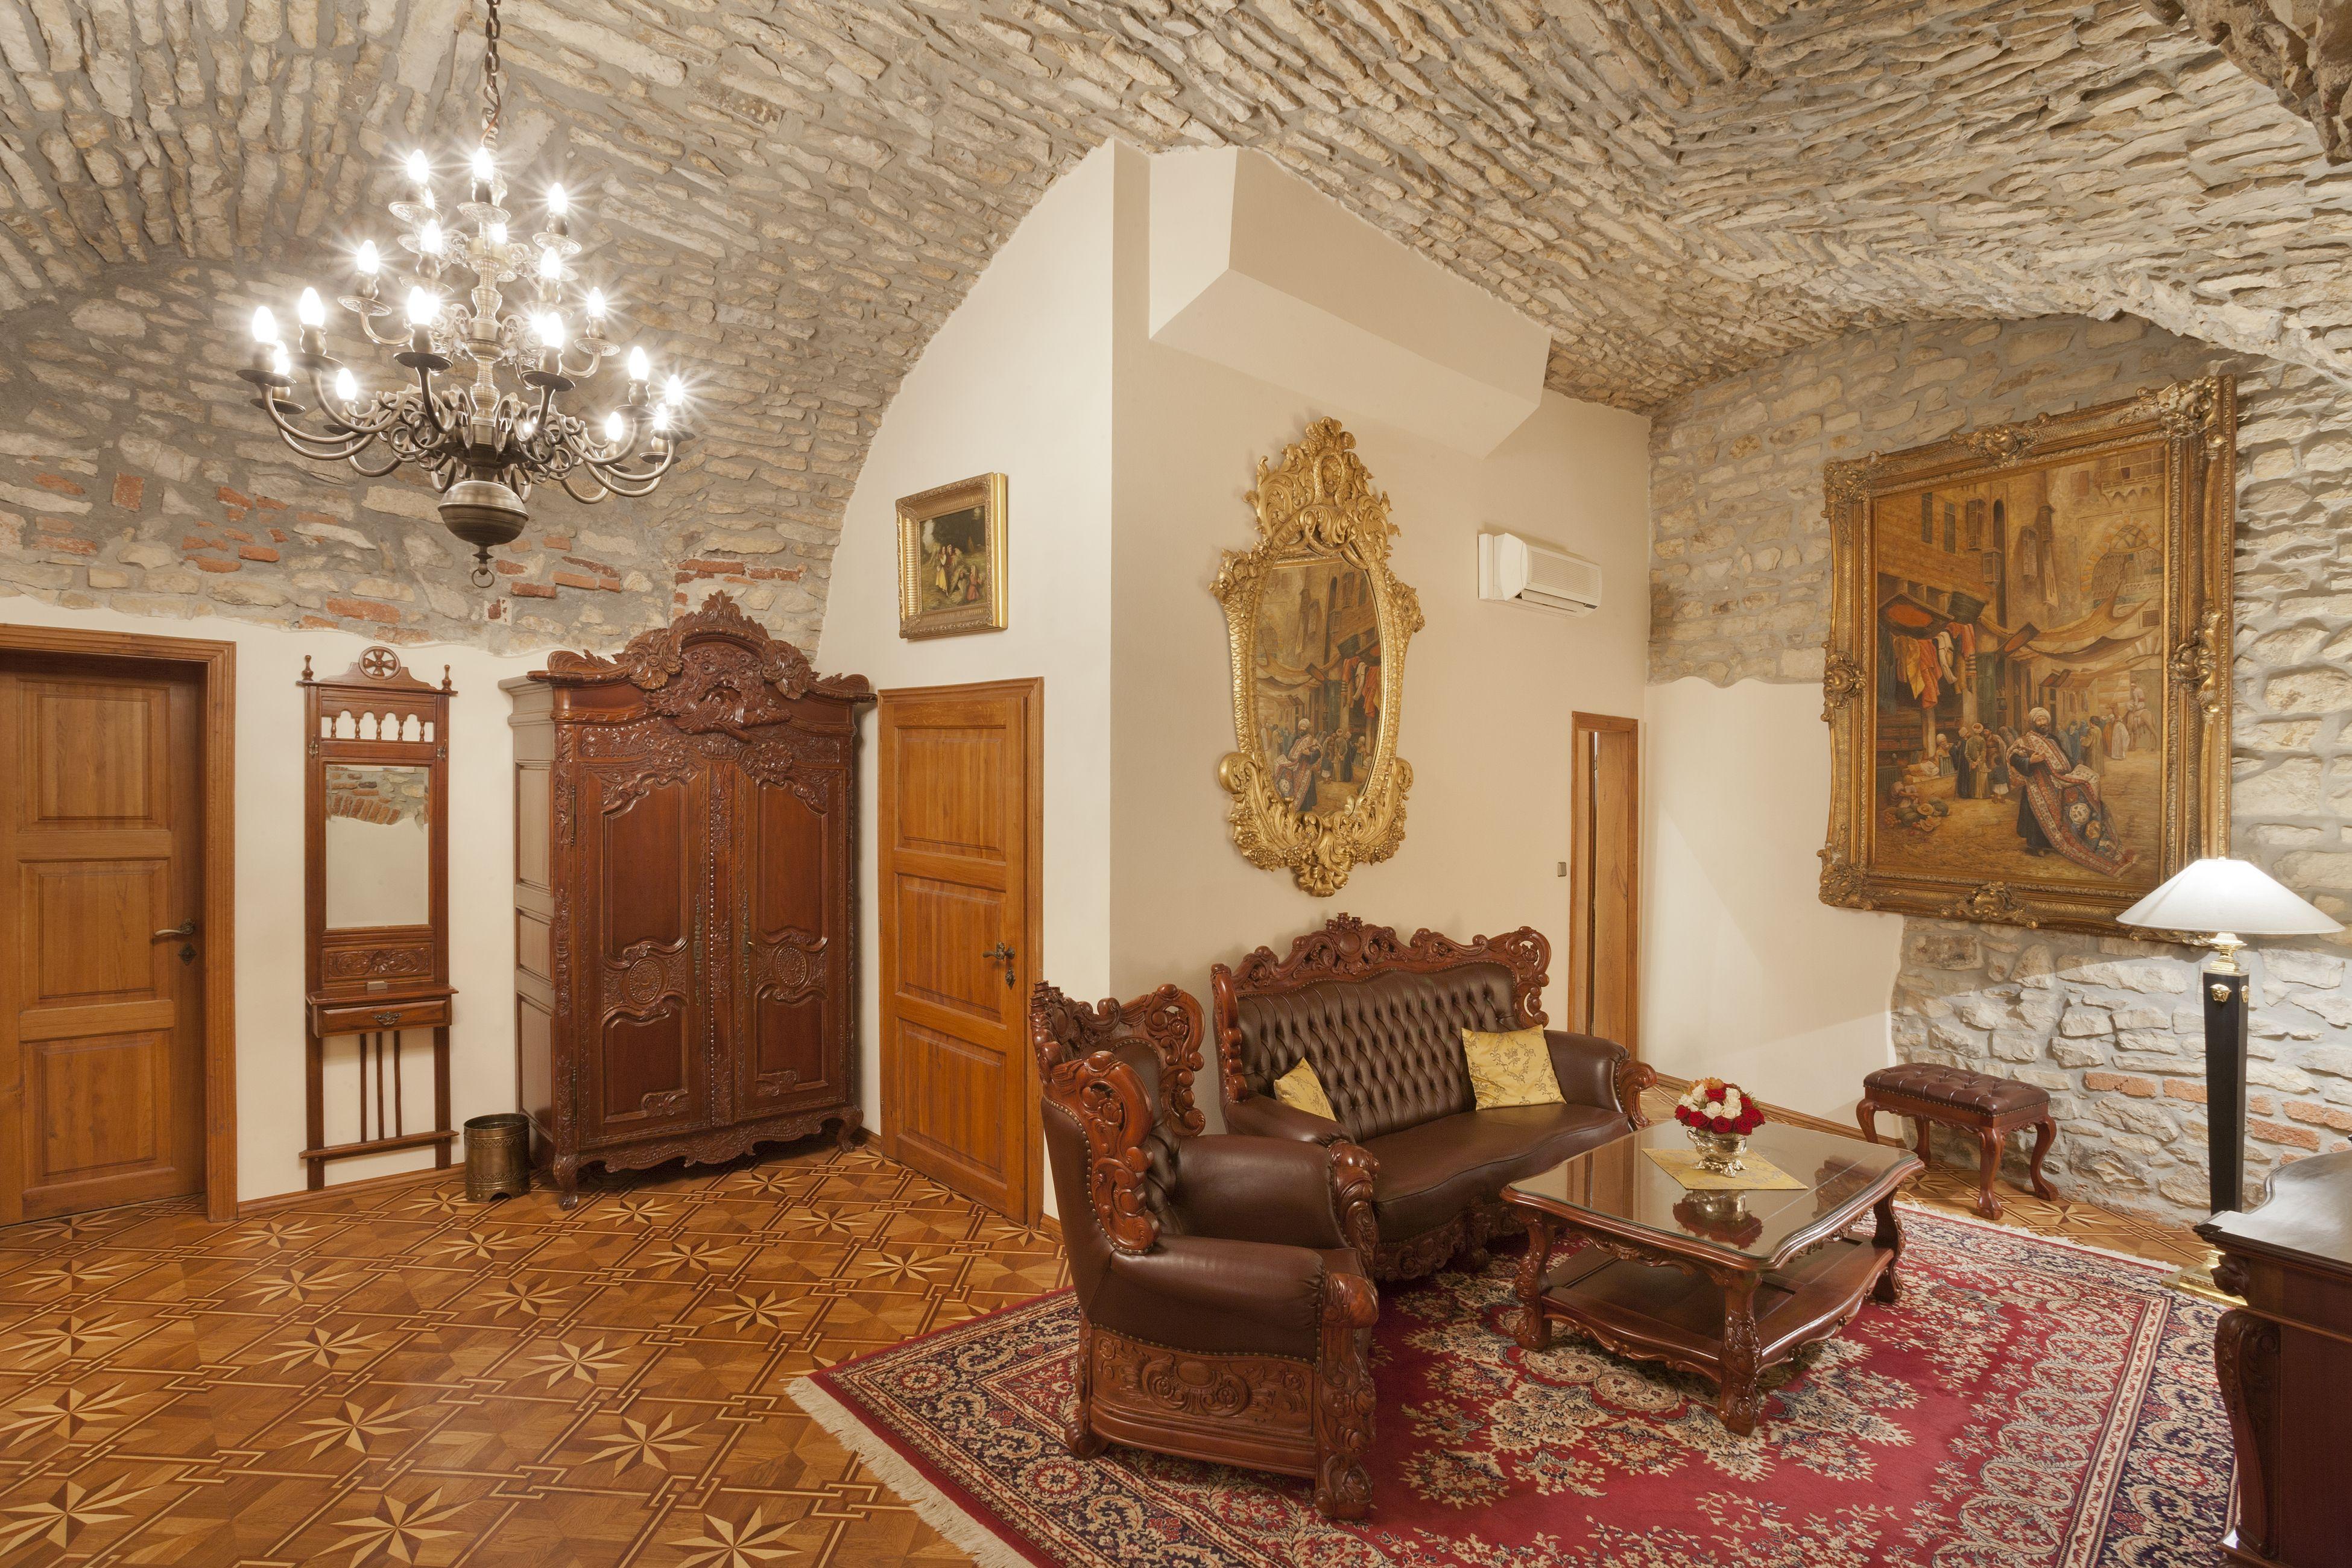 Hotel U Prince - Praha - ilustrativní foto